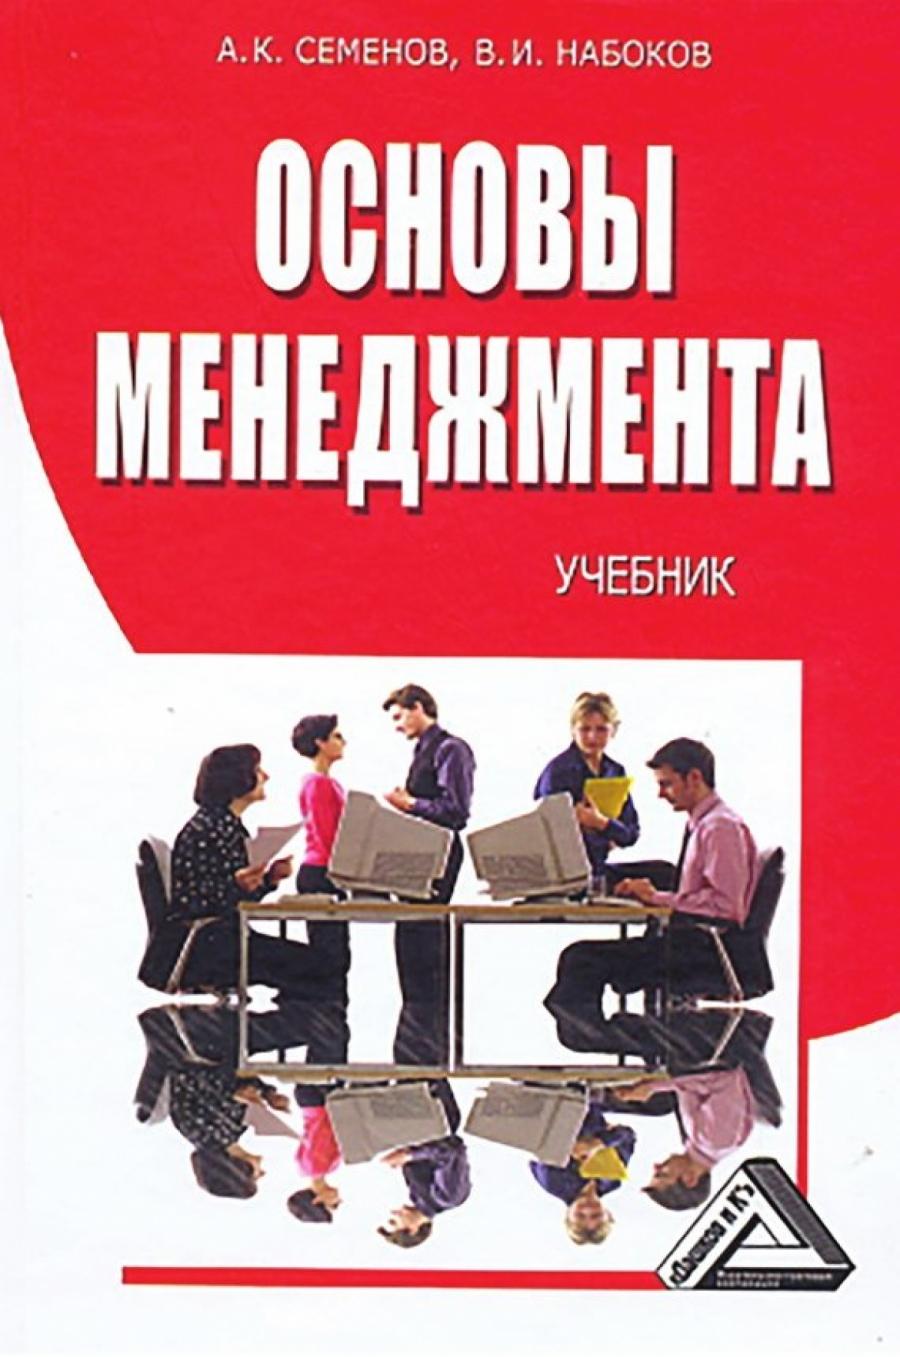 Обложка книги:  семенов а.к., набоков в.и. - основы менеджмента